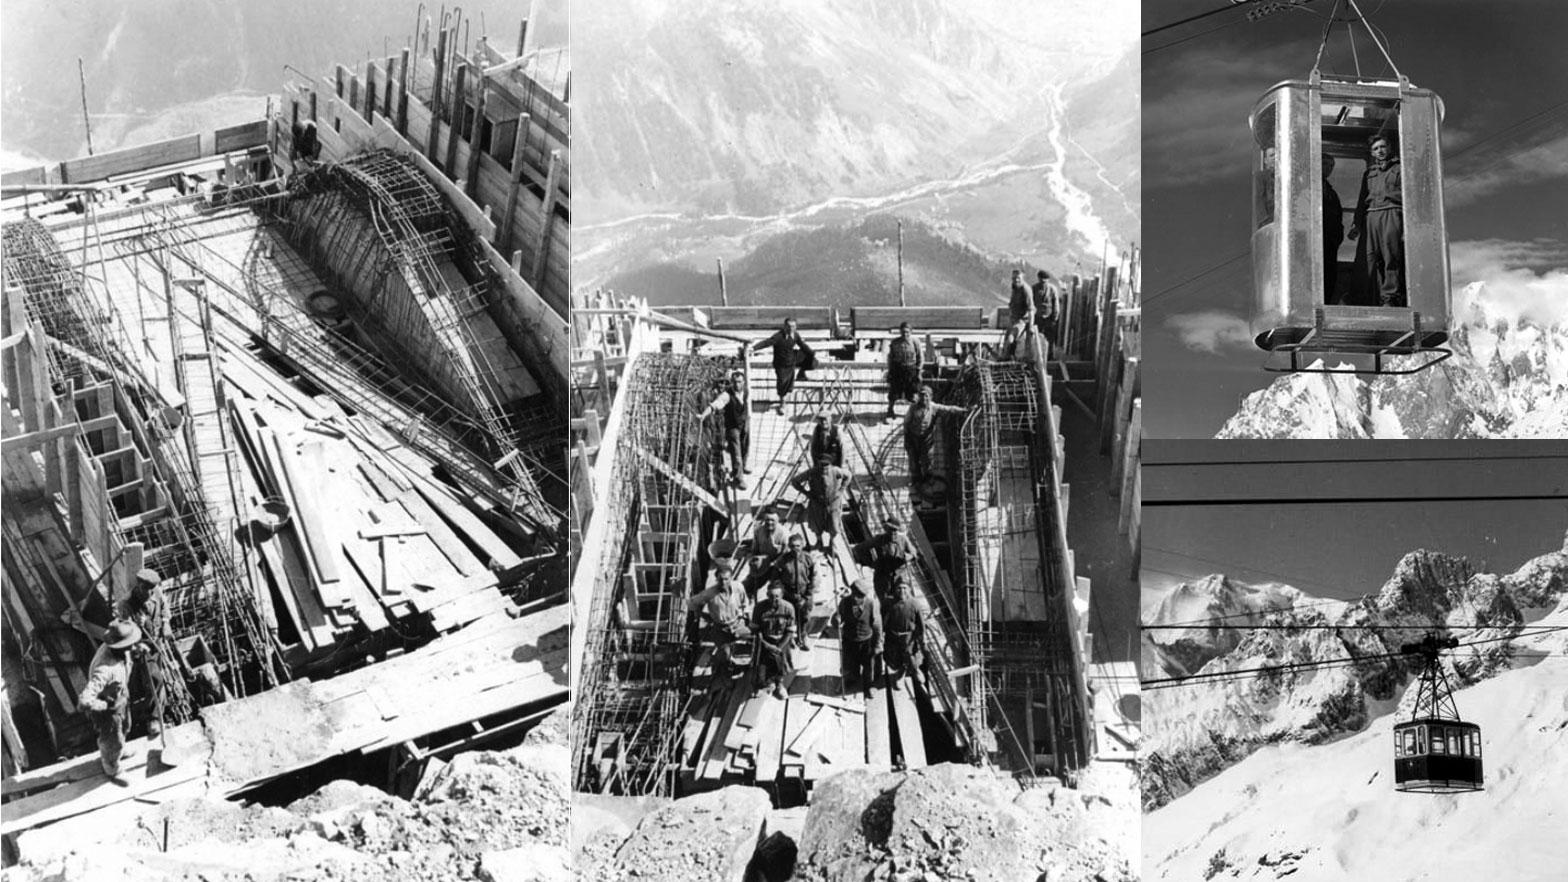 Immagini storiche della funivia del Monte Bianco (foto, fonte: montebianco.com)